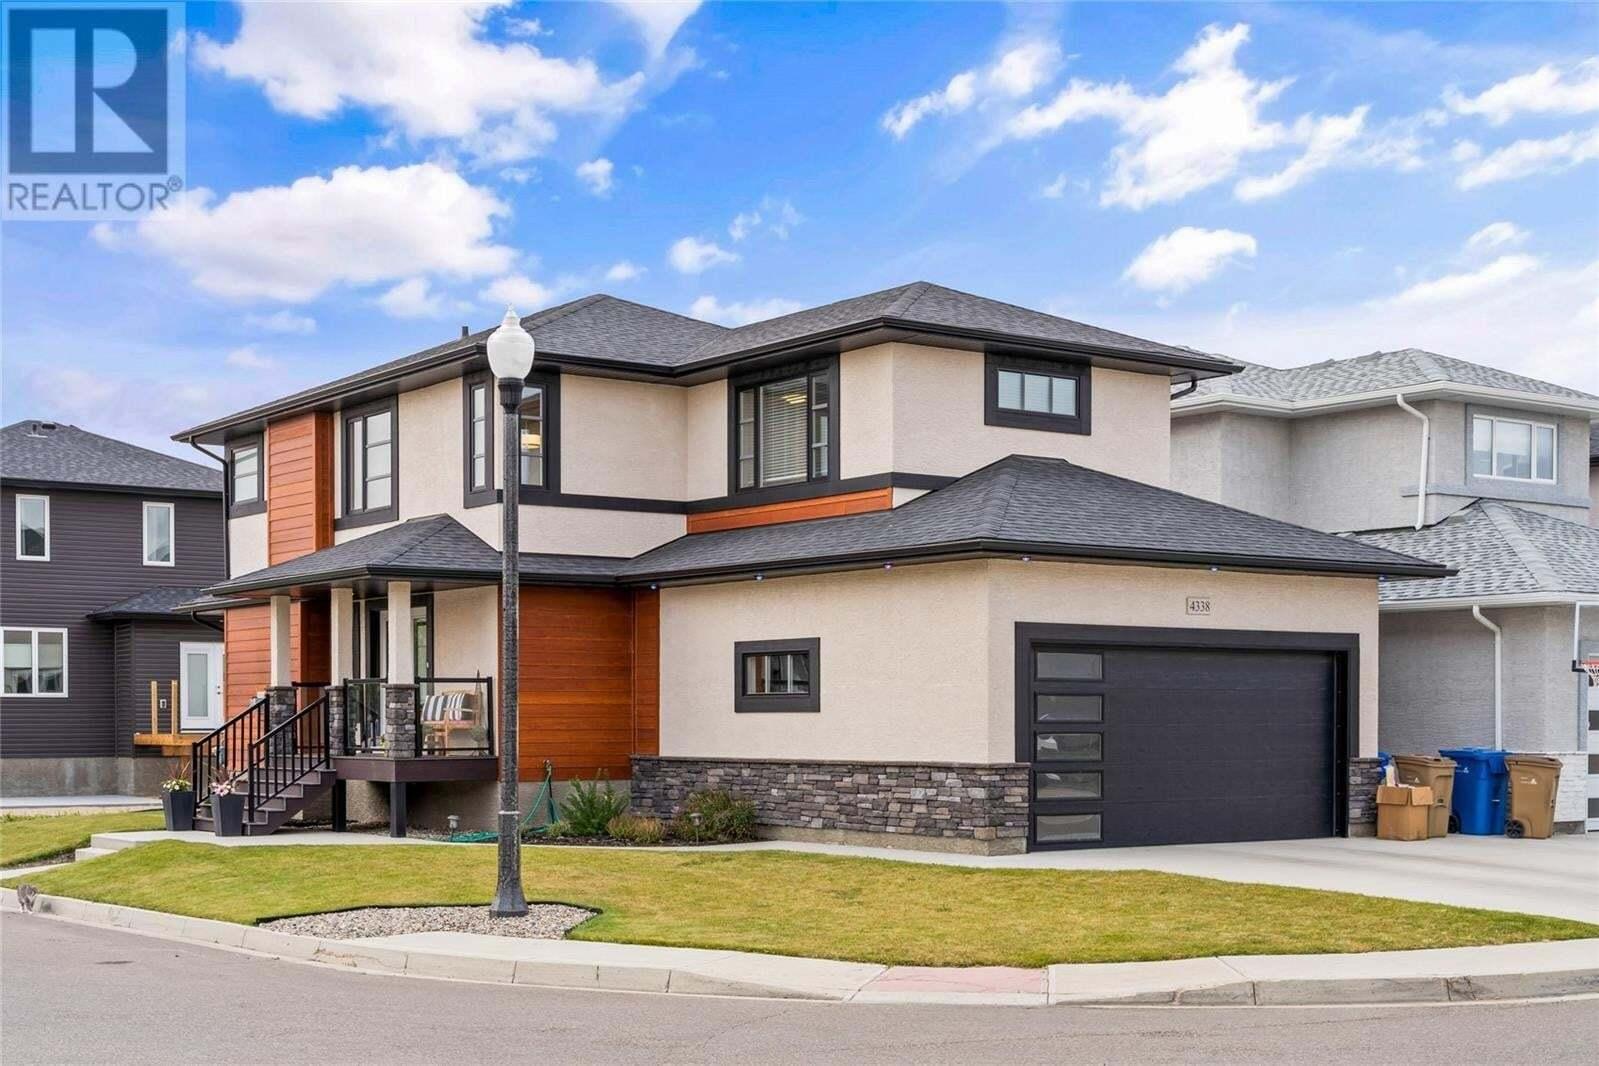 House for sale at 4338 Albulet Dr Regina Saskatchewan - MLS: SK826927